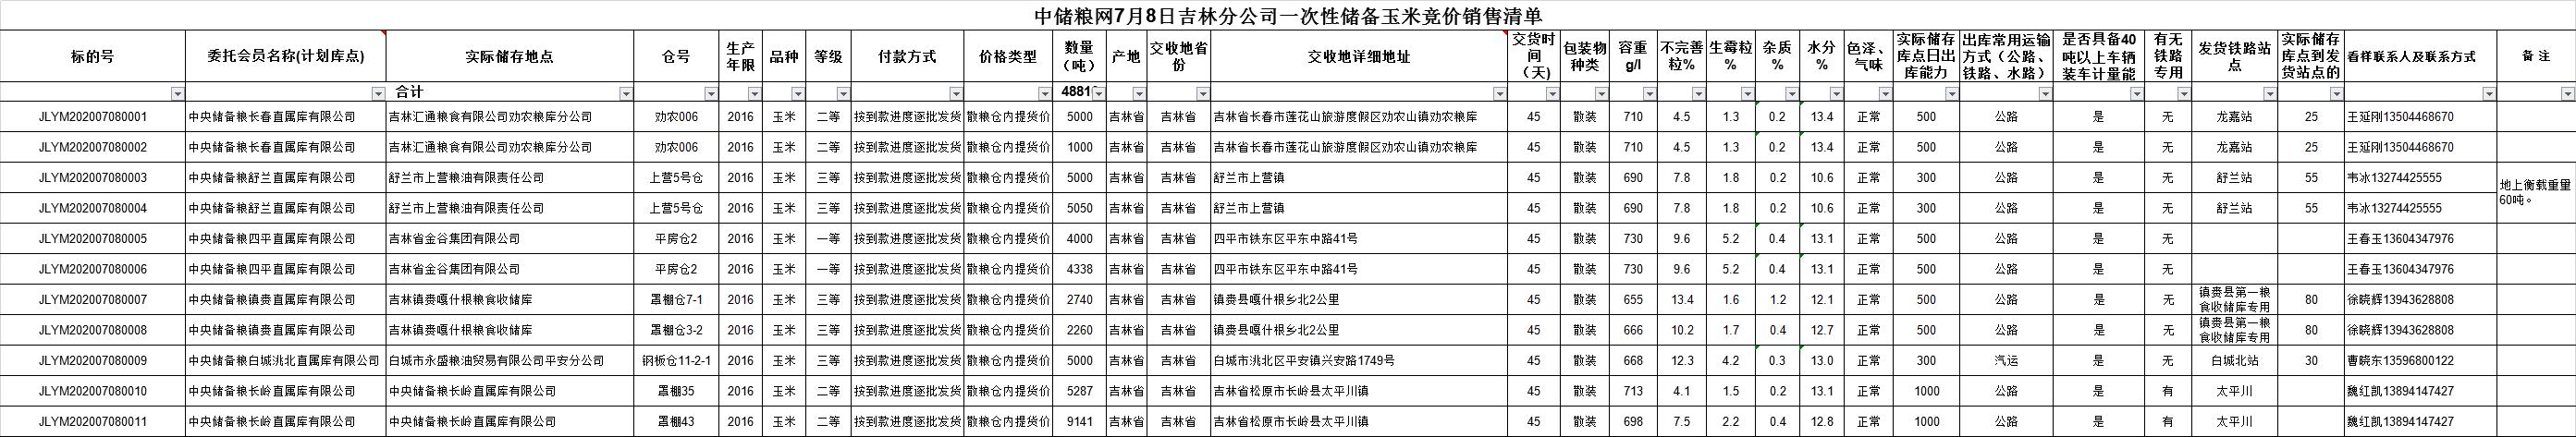 【地储拍卖】关于举办7月8日吉林